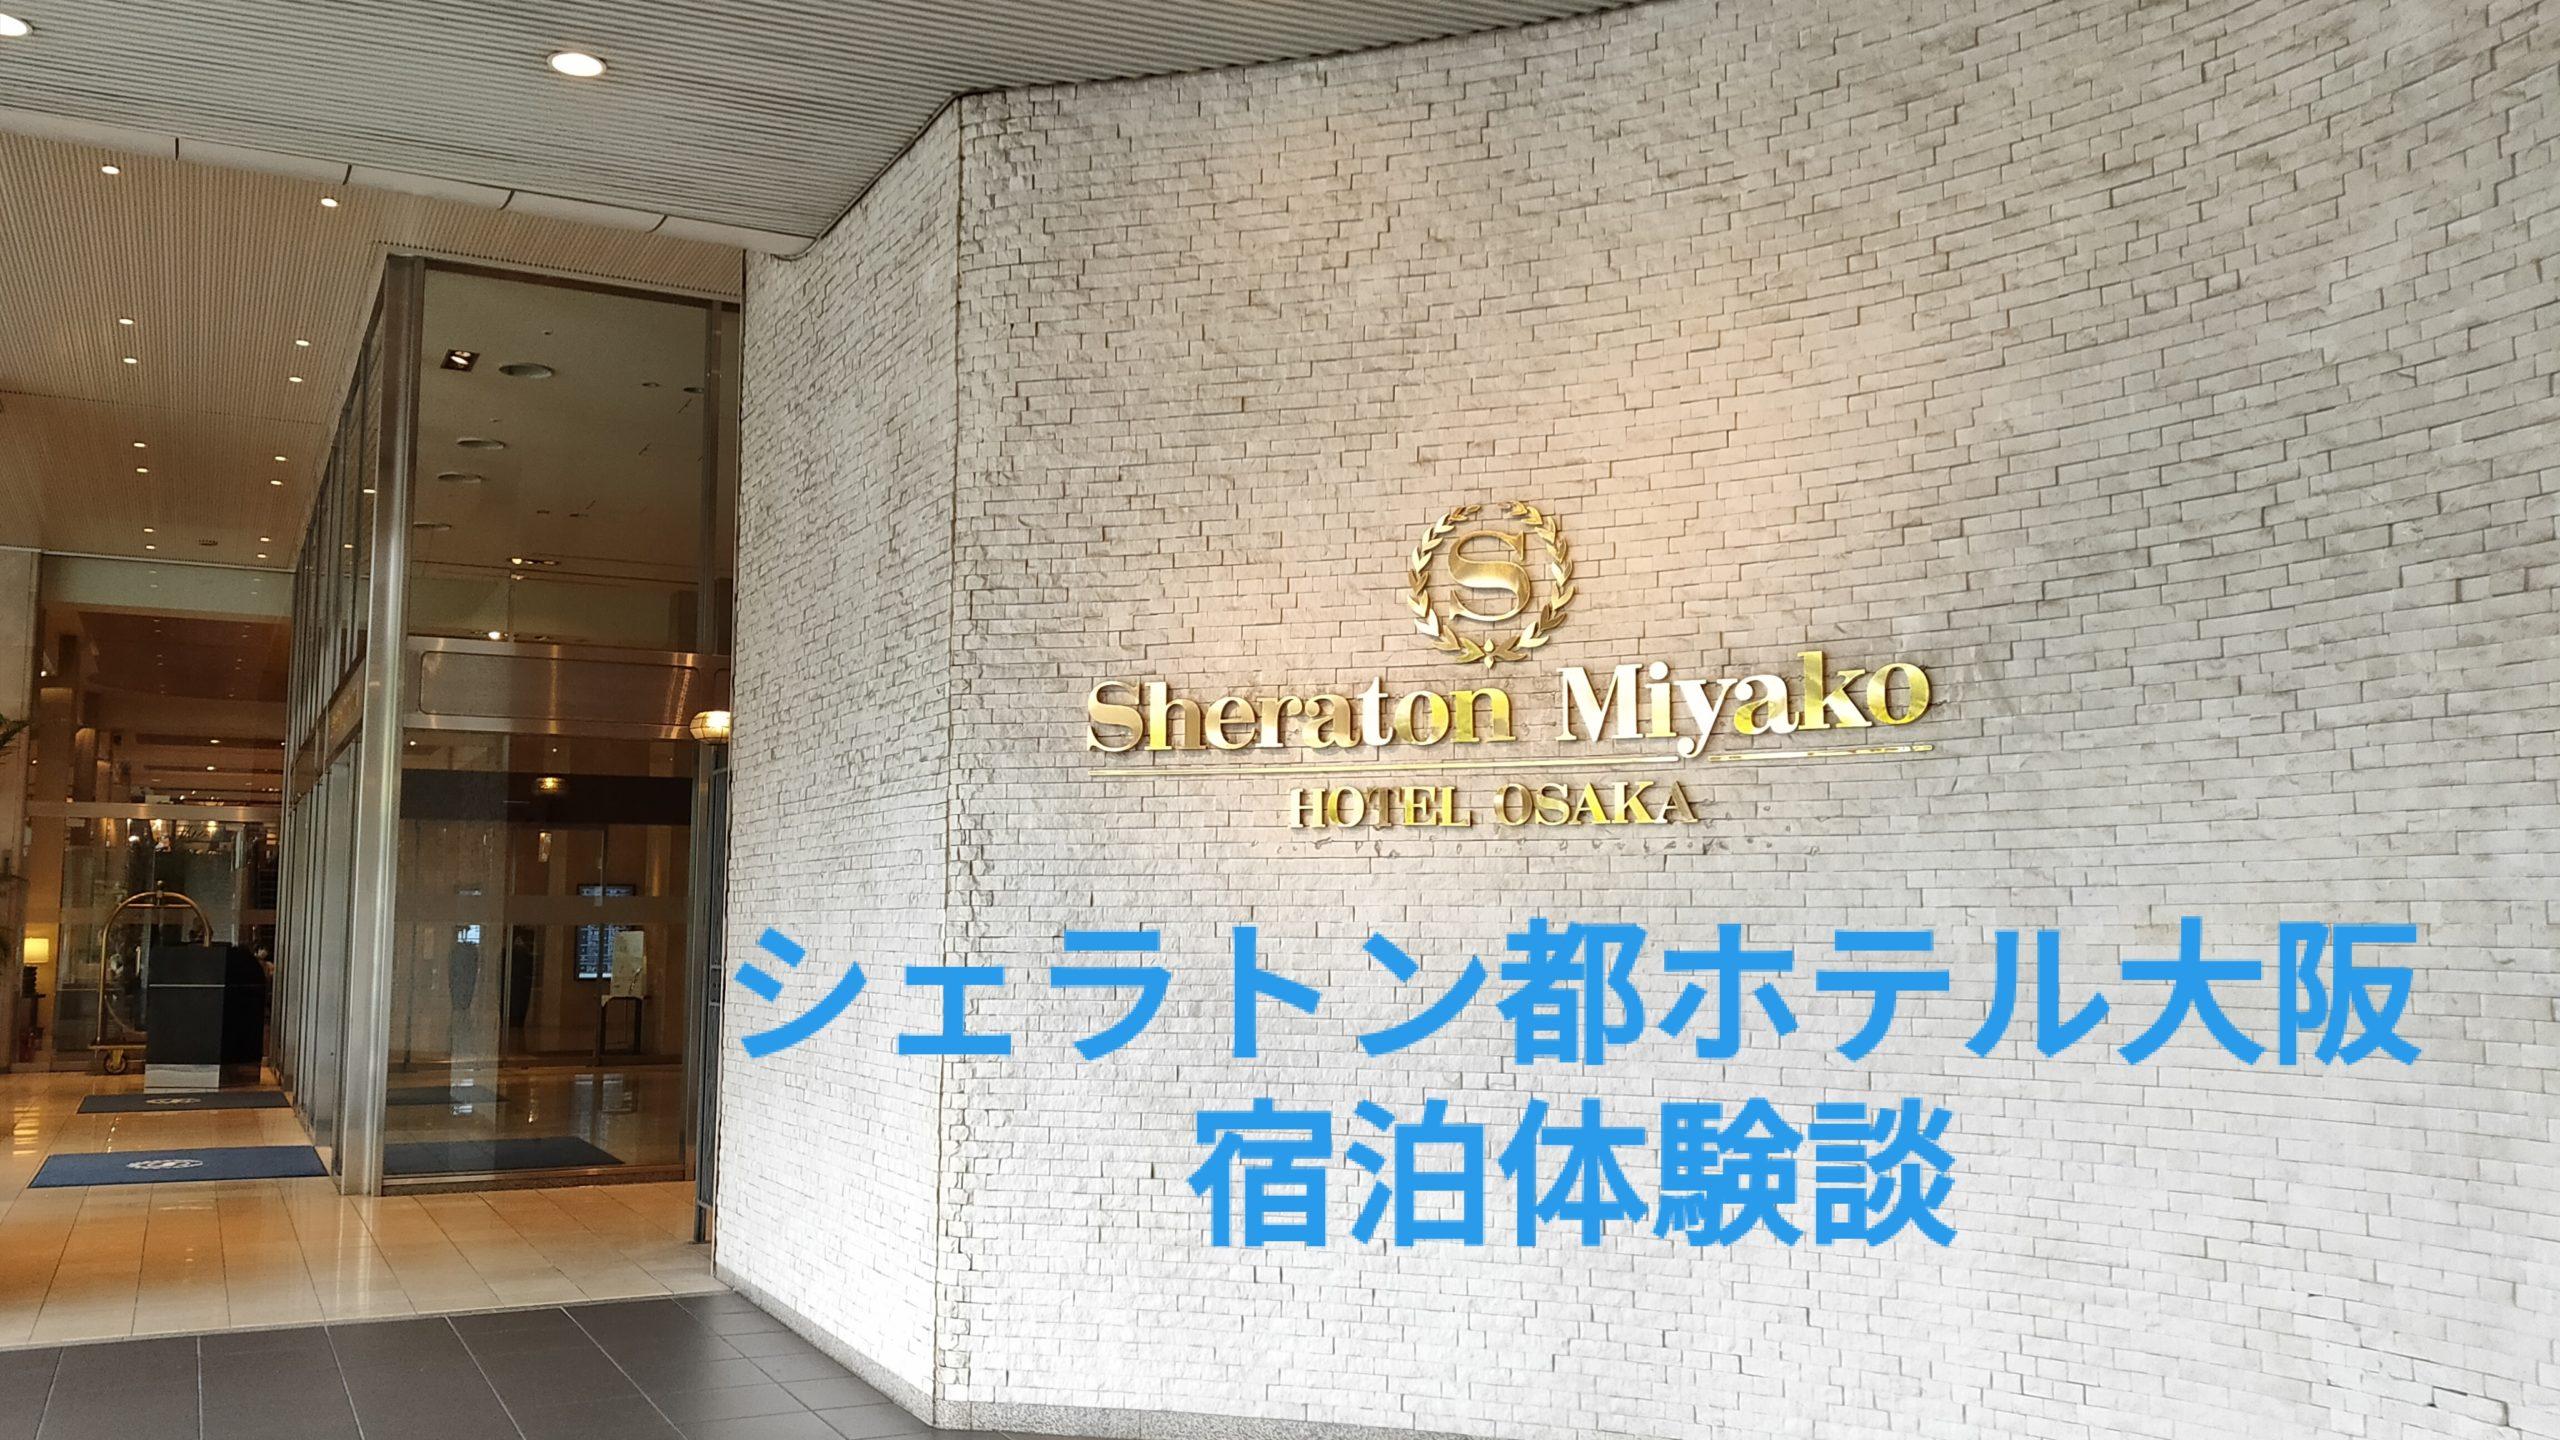 【宿泊記】シェラトン都ホテル大阪(マリオット系列ホテル)(客室、ラウンジ、朝食紹介)